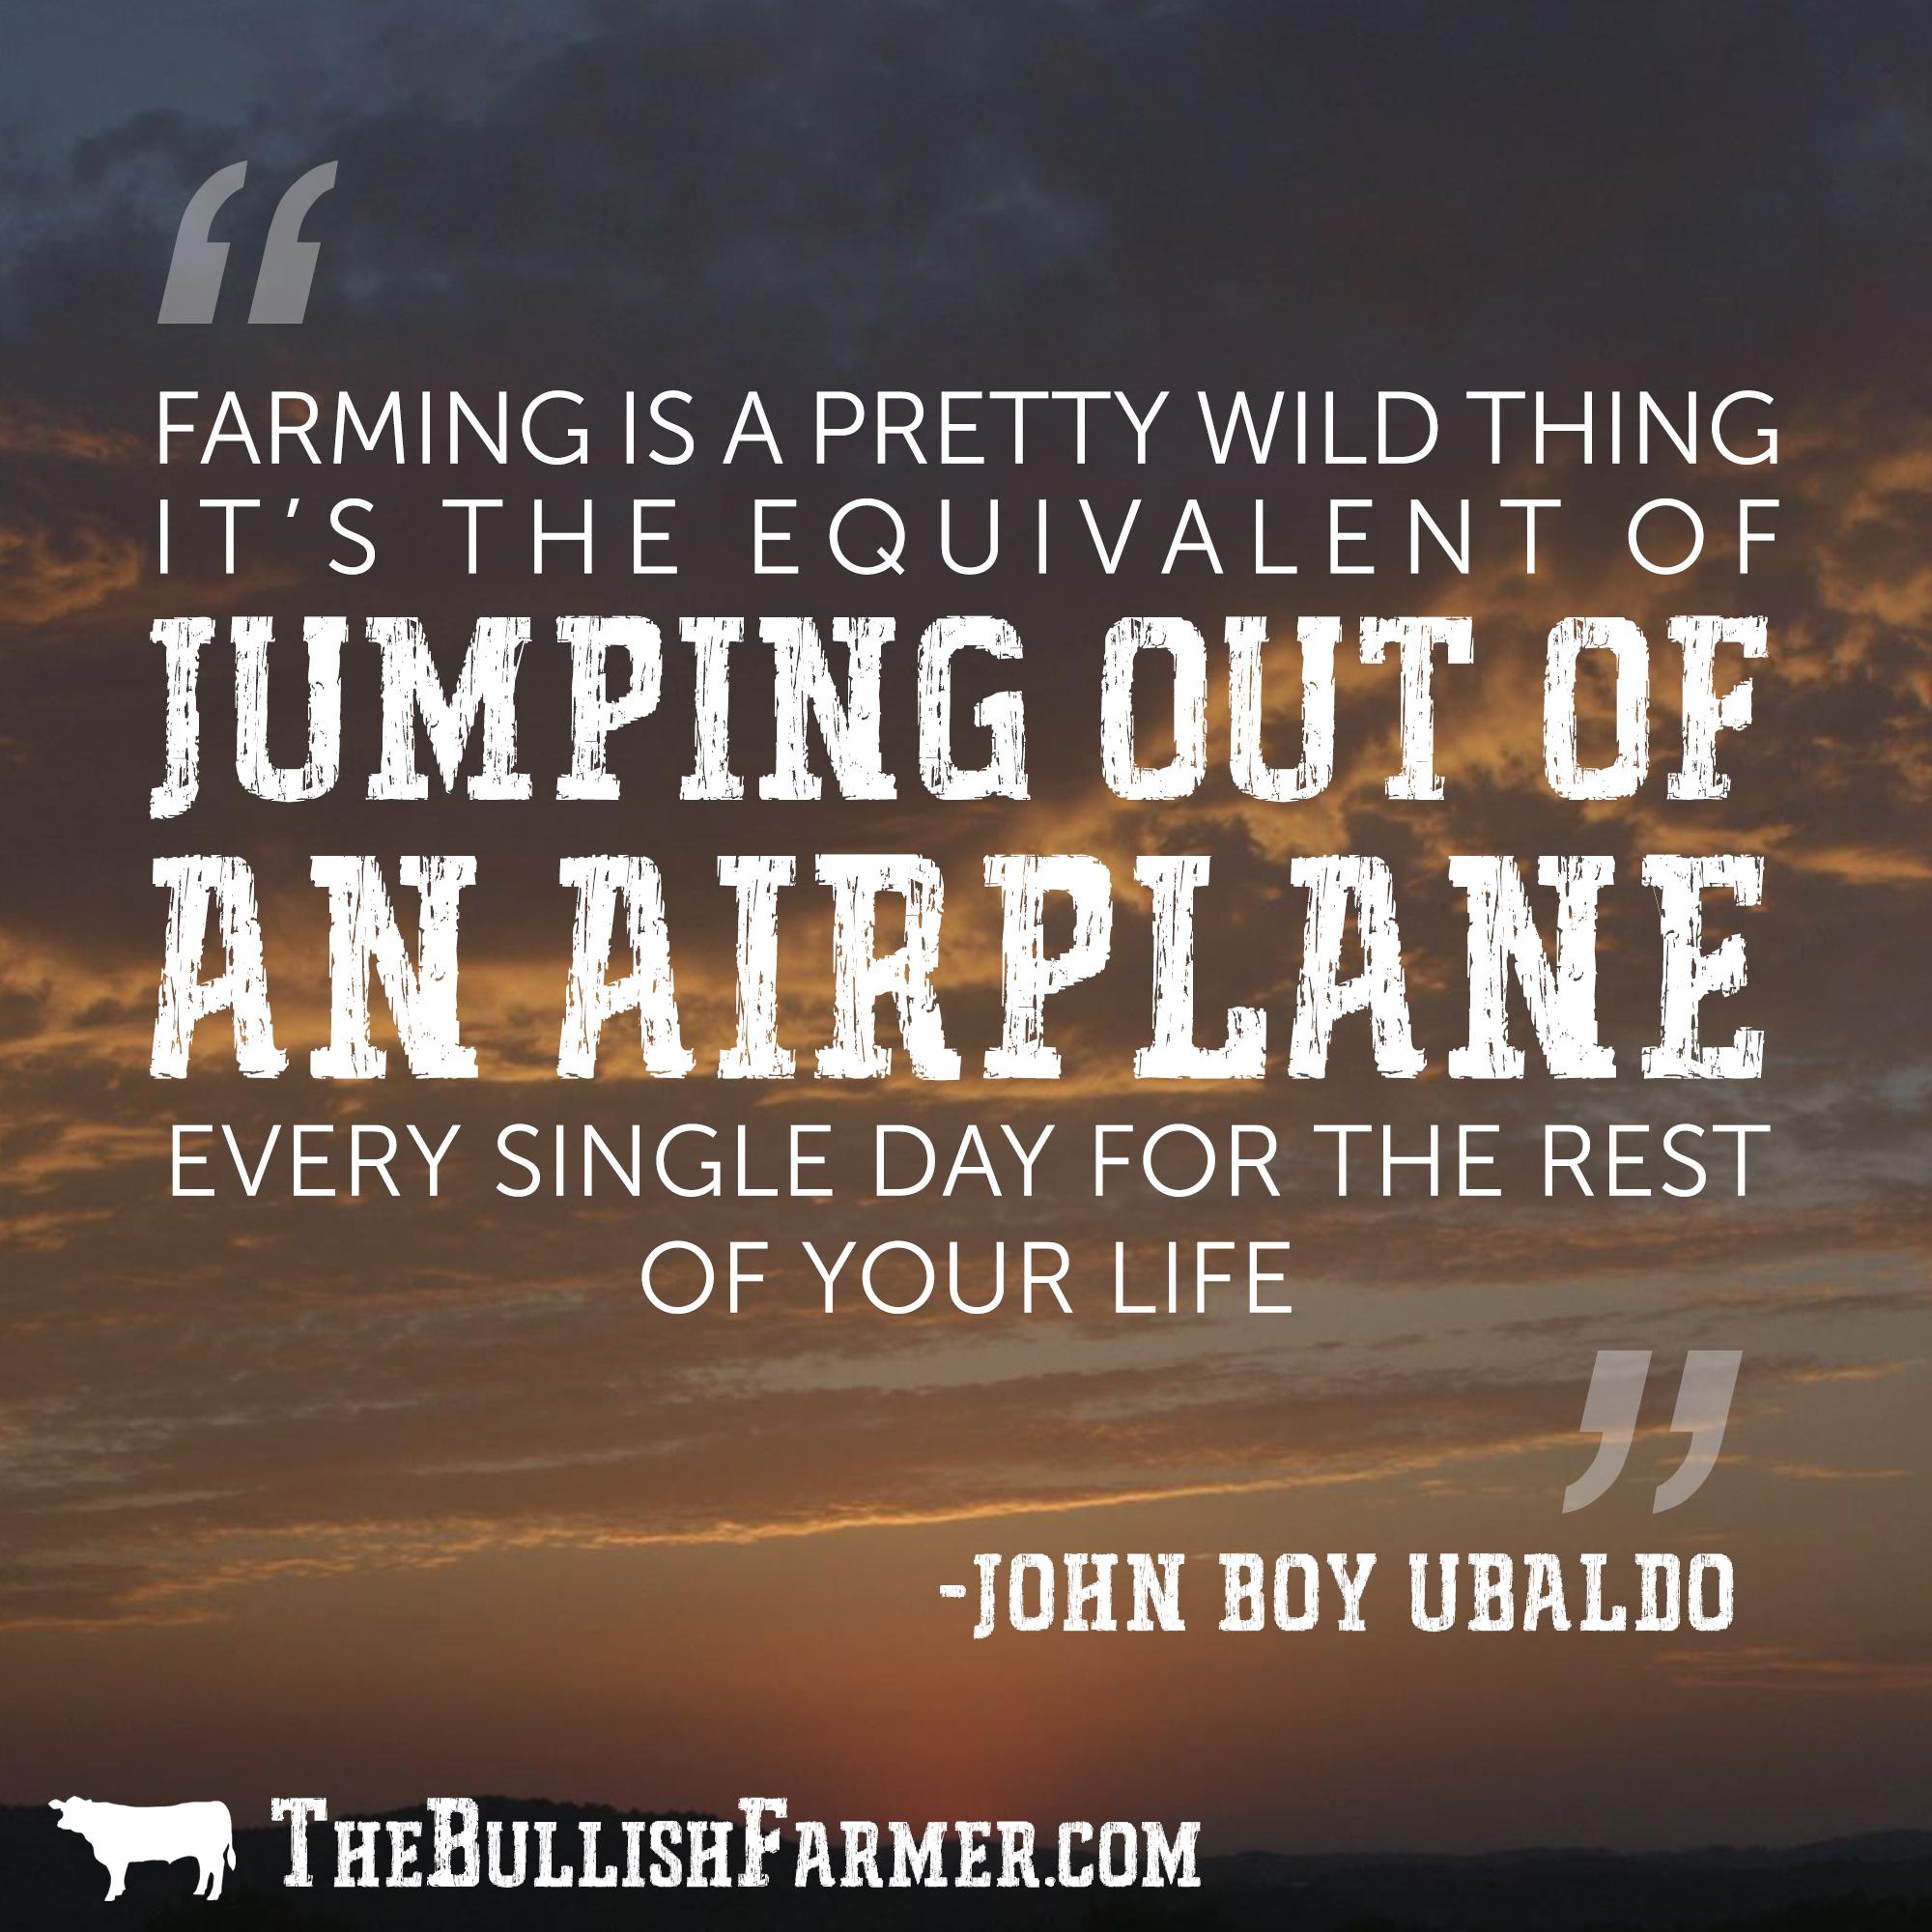 Copy of bullish farmer quote 6.jpg